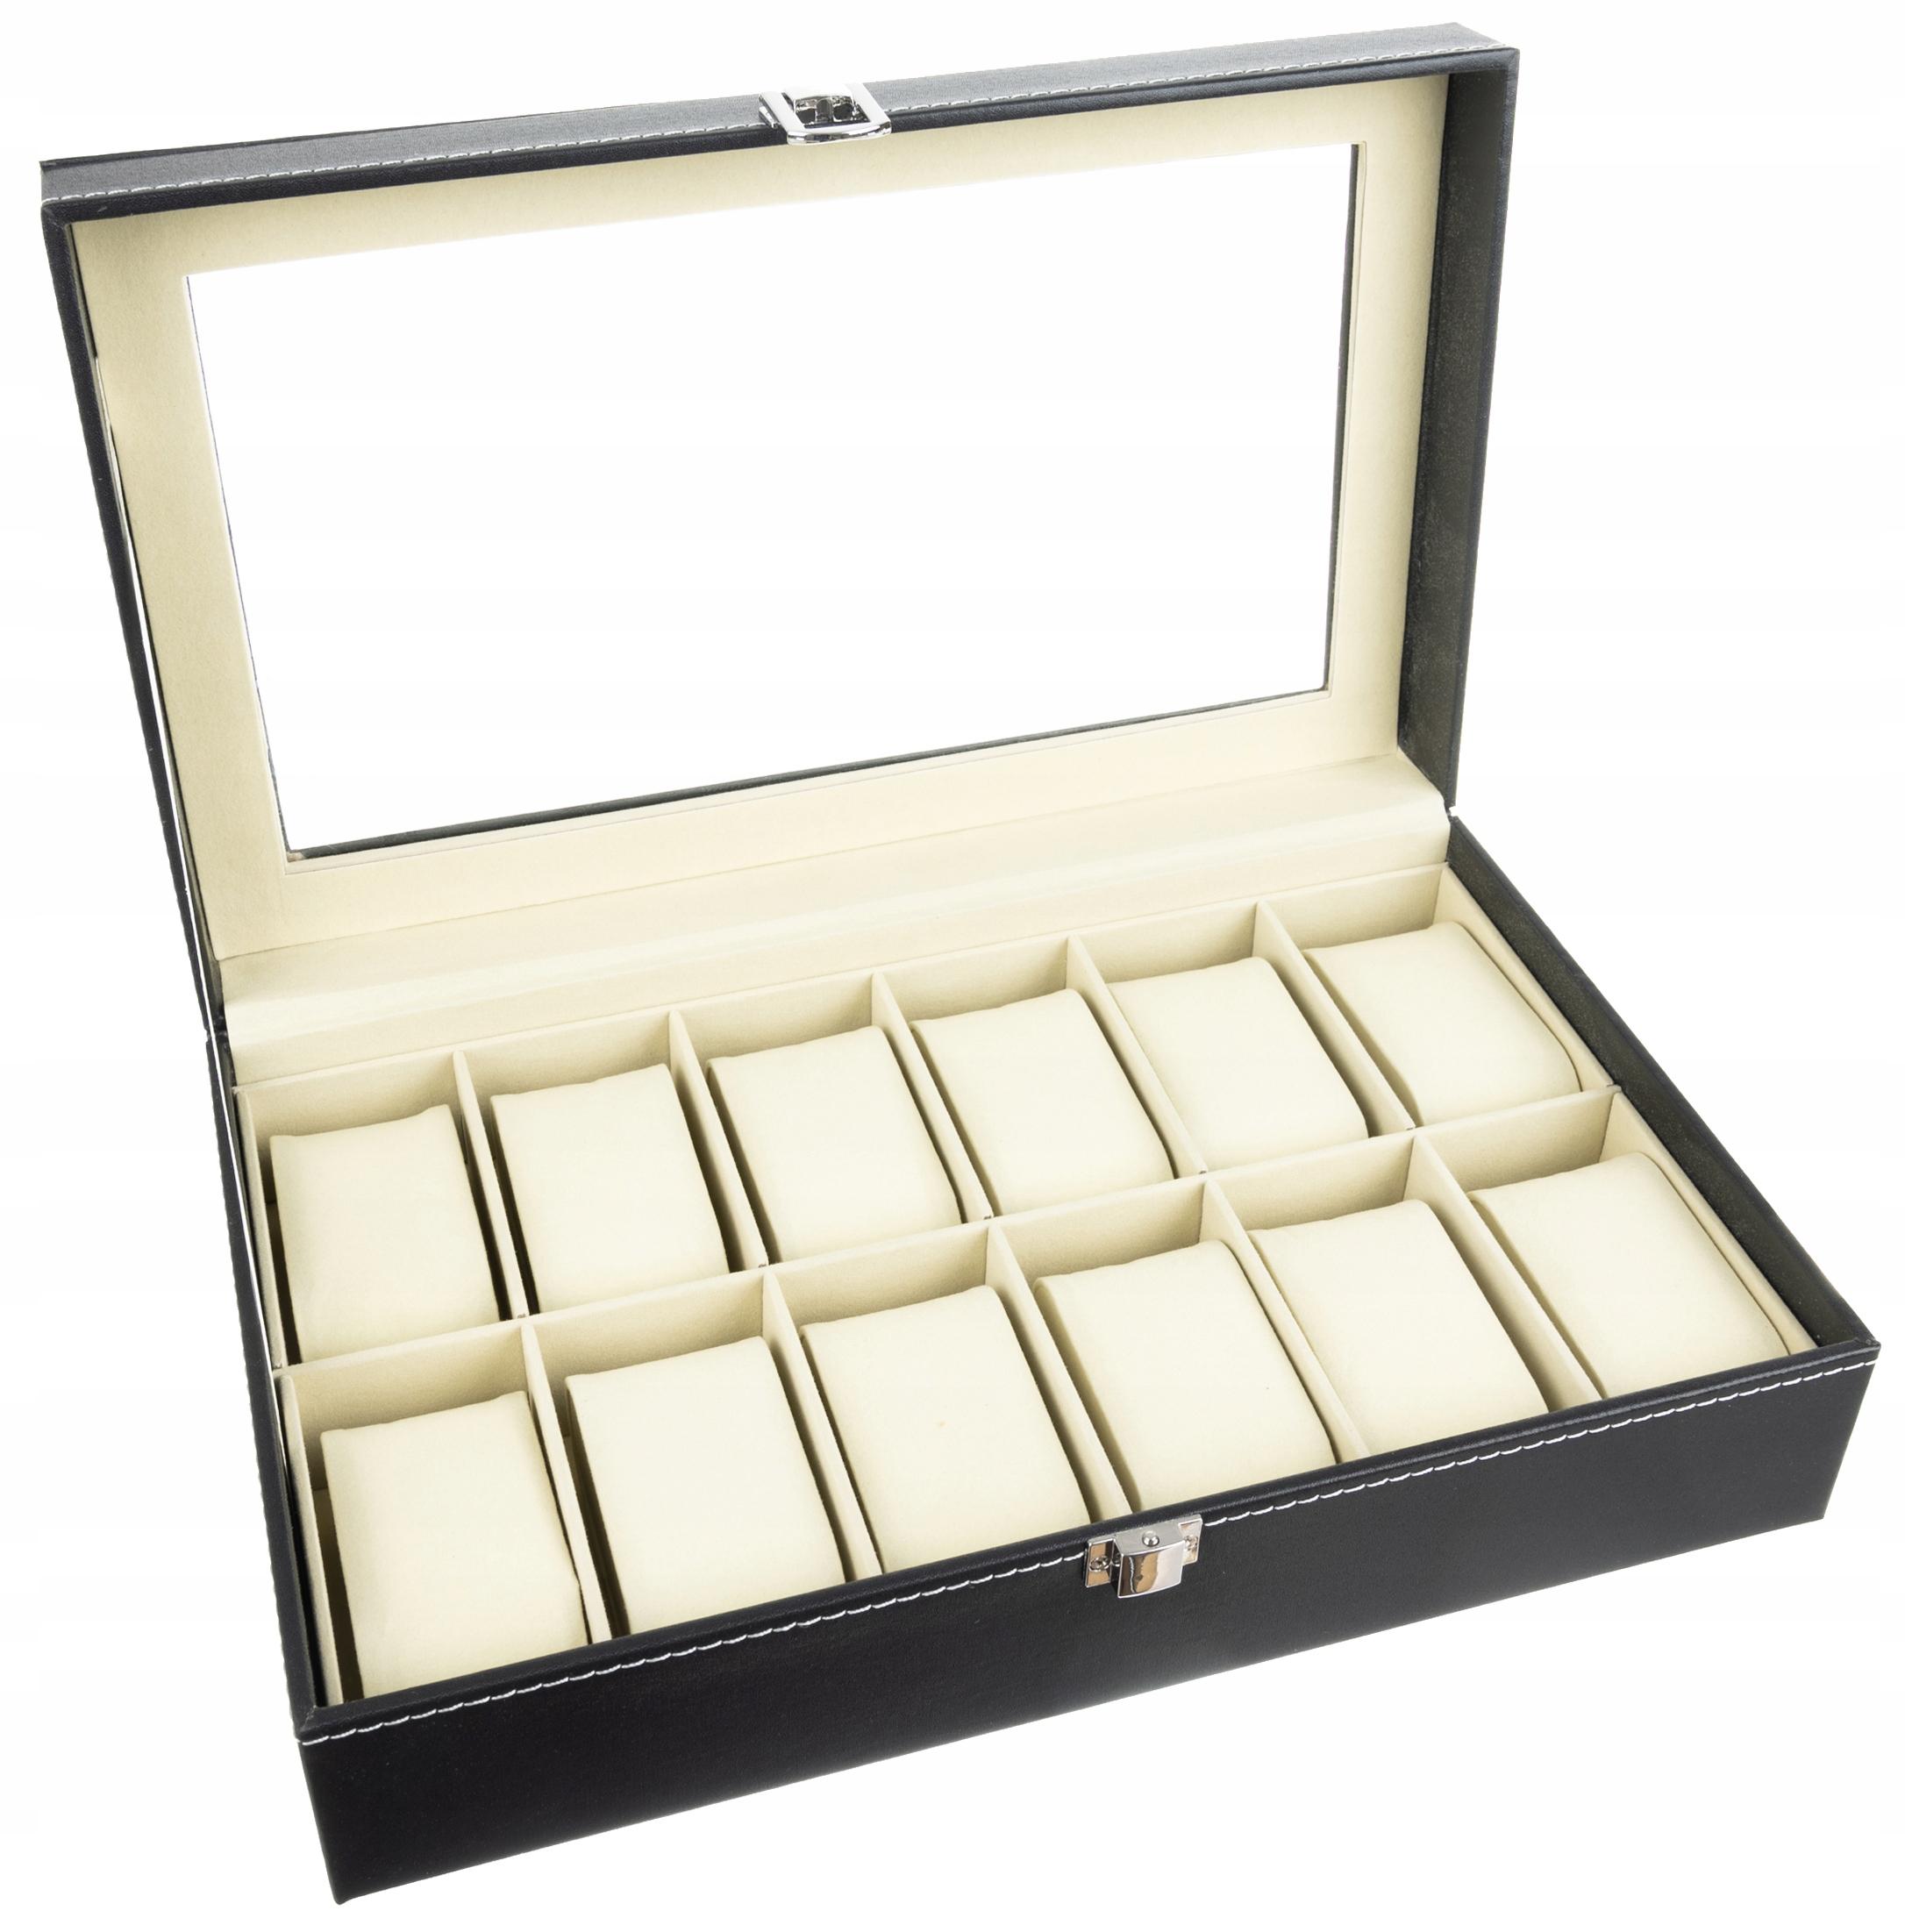 Pudełko Etui Organizer Szkatułka na Zegarki 12szt Marka Iso Trade